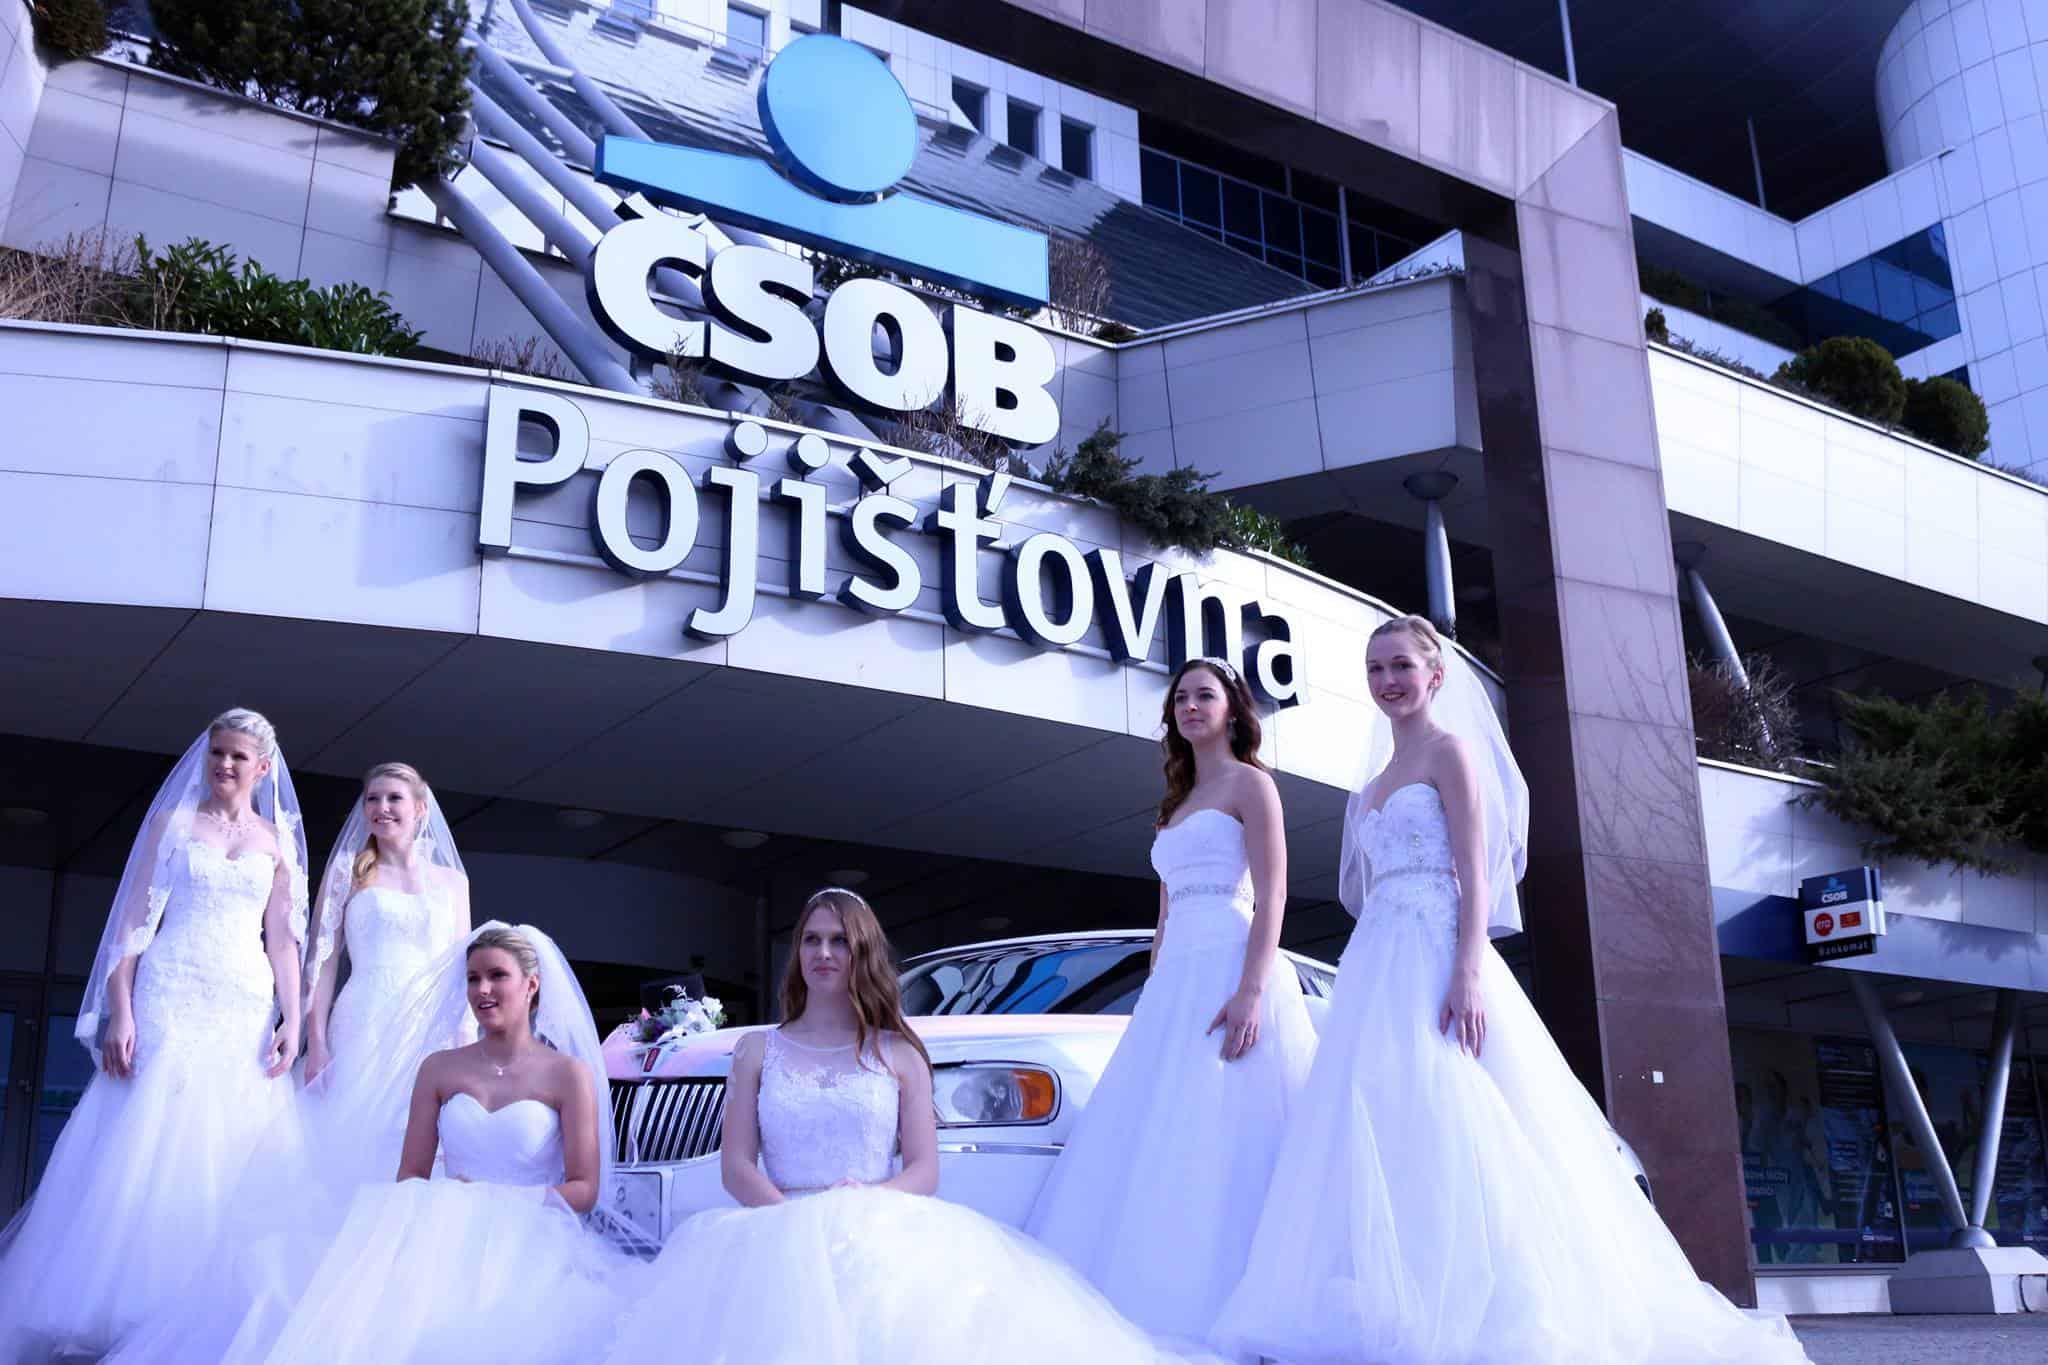 Svatební veletrh Pardubice 2019 nevěsty před budovou